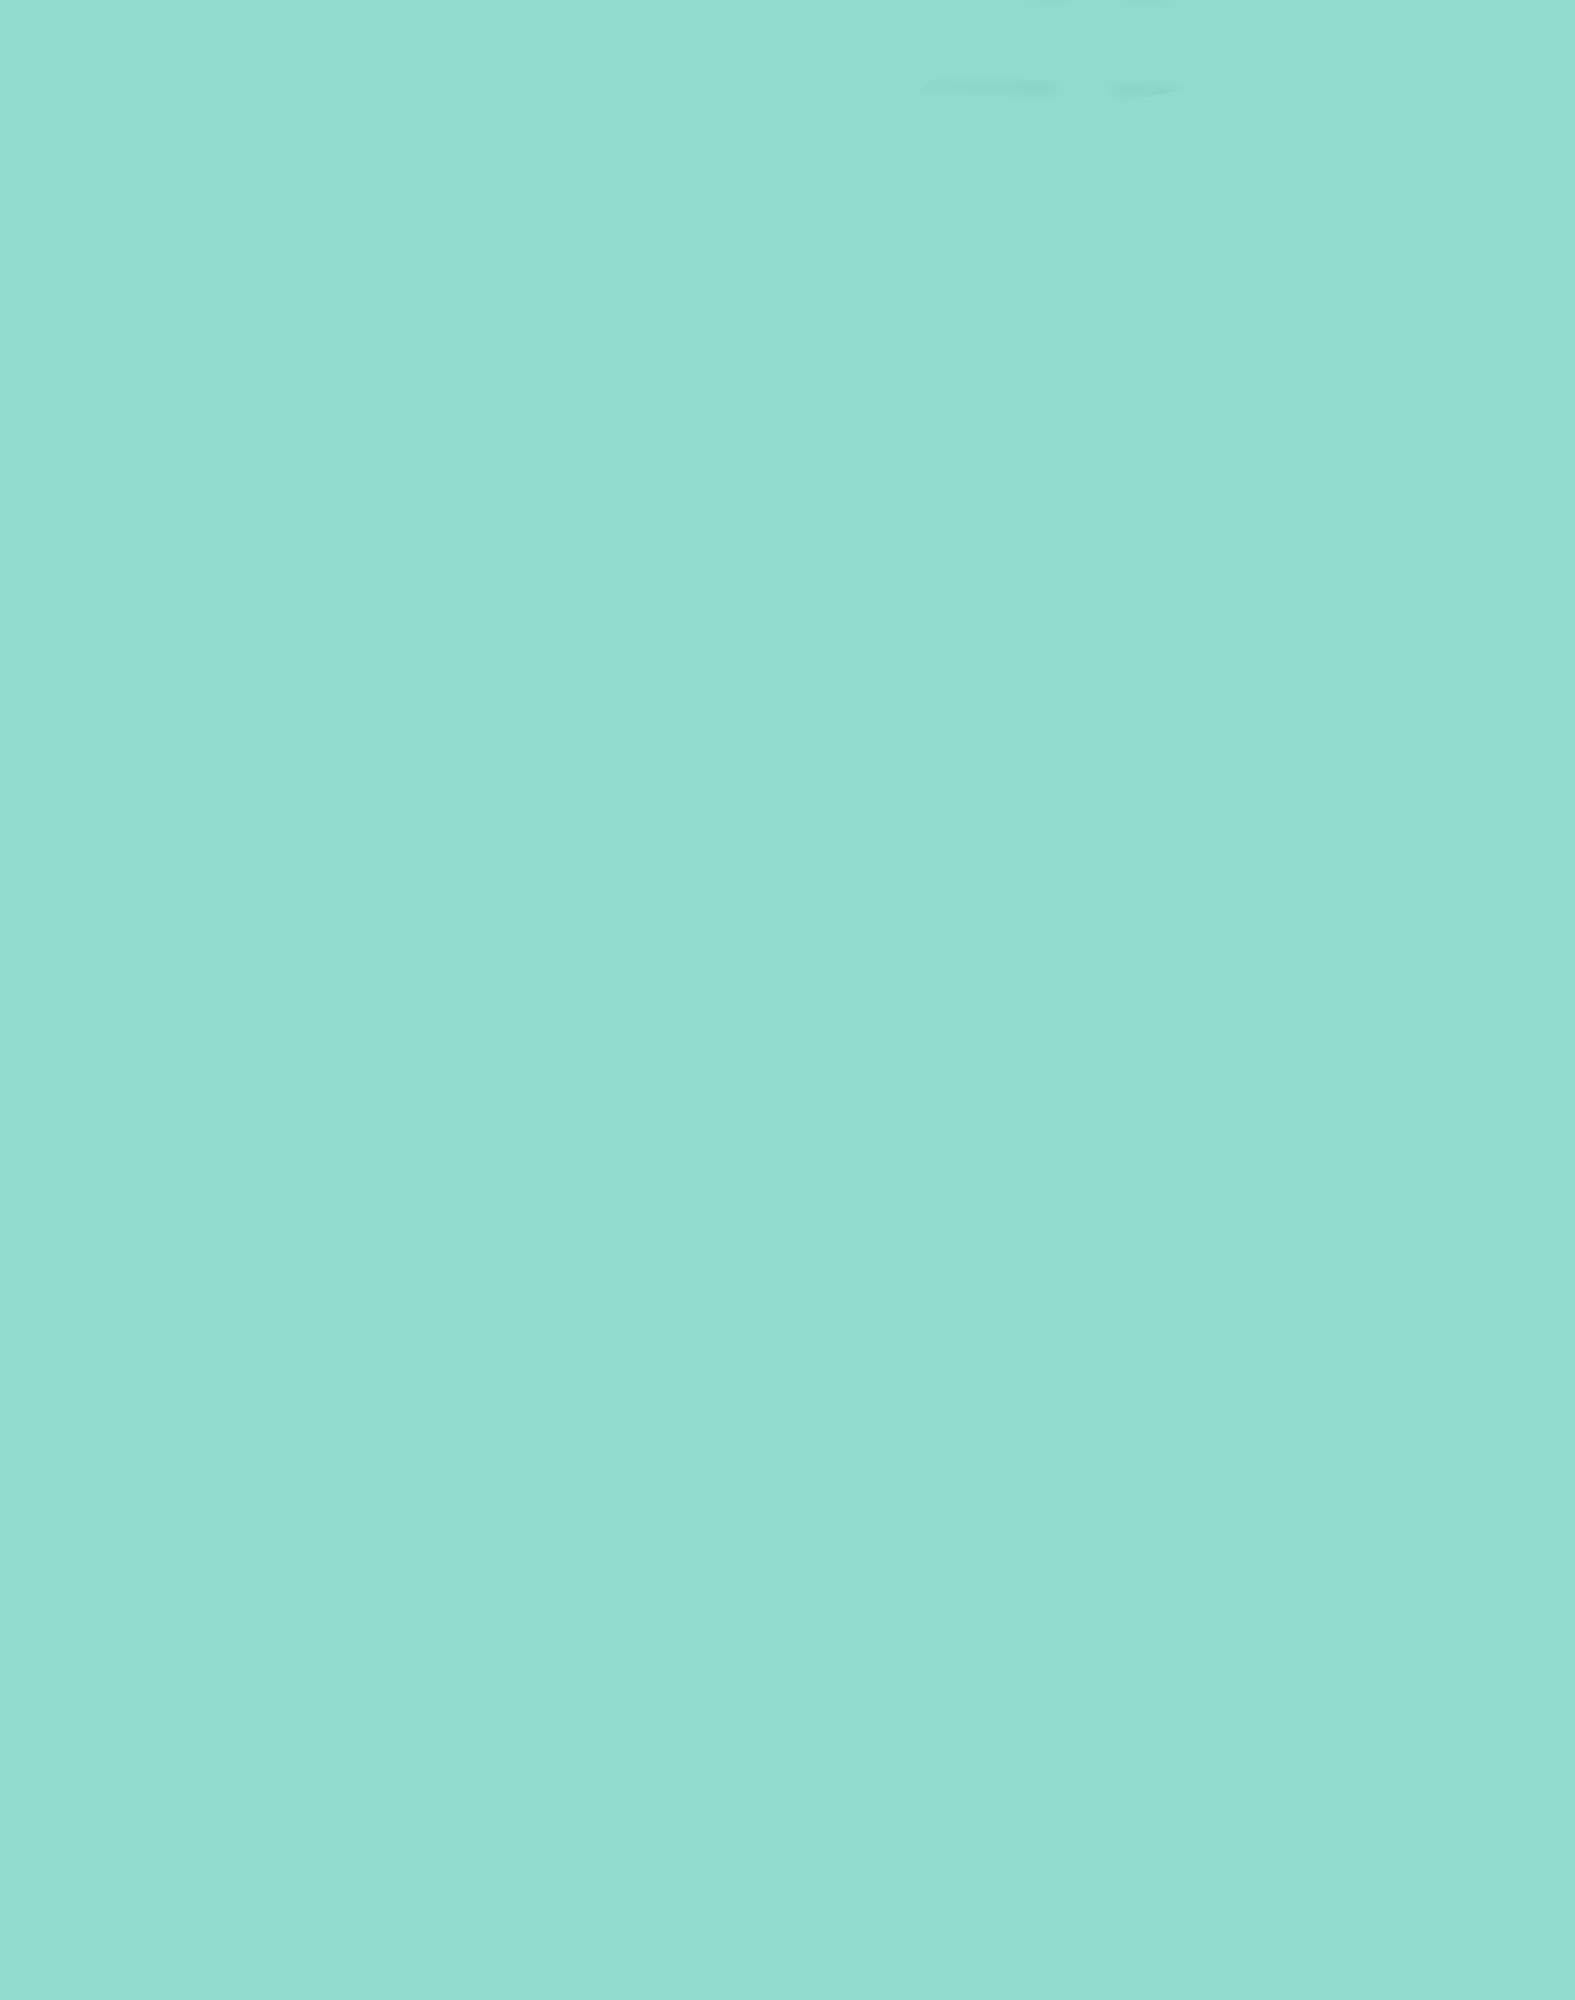 Miami Mint 144,219,204